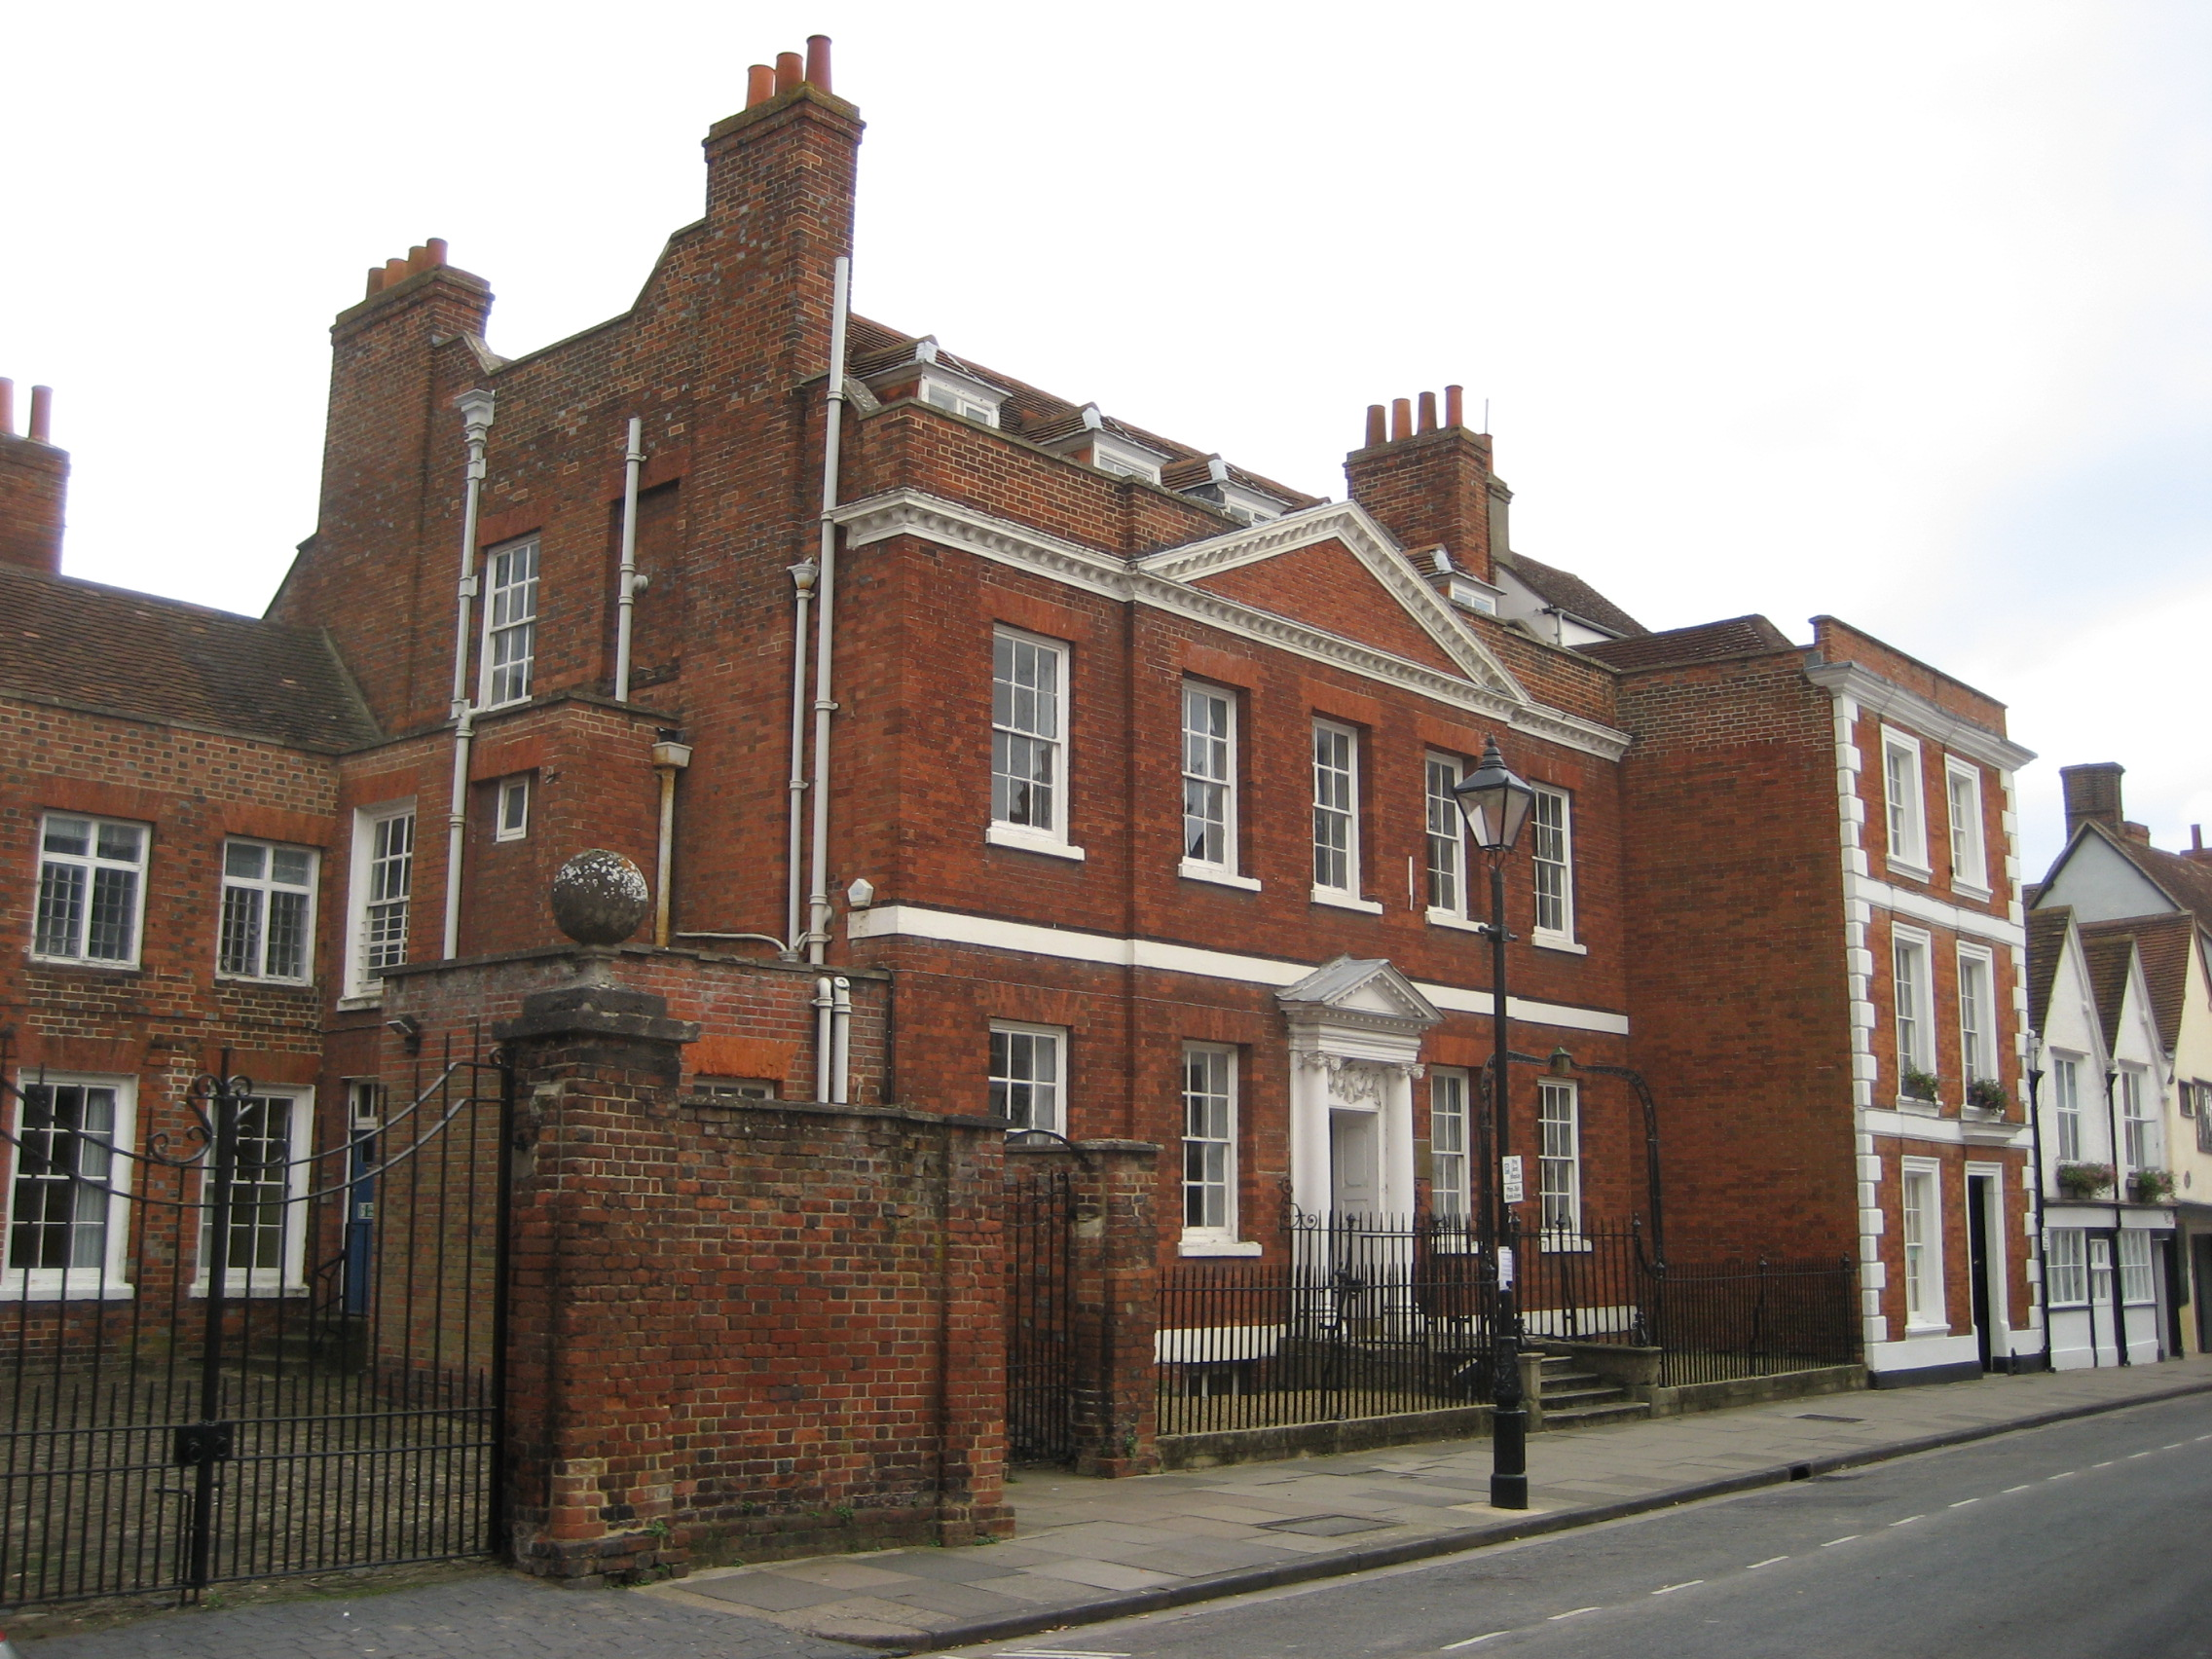 Twickenham House front view